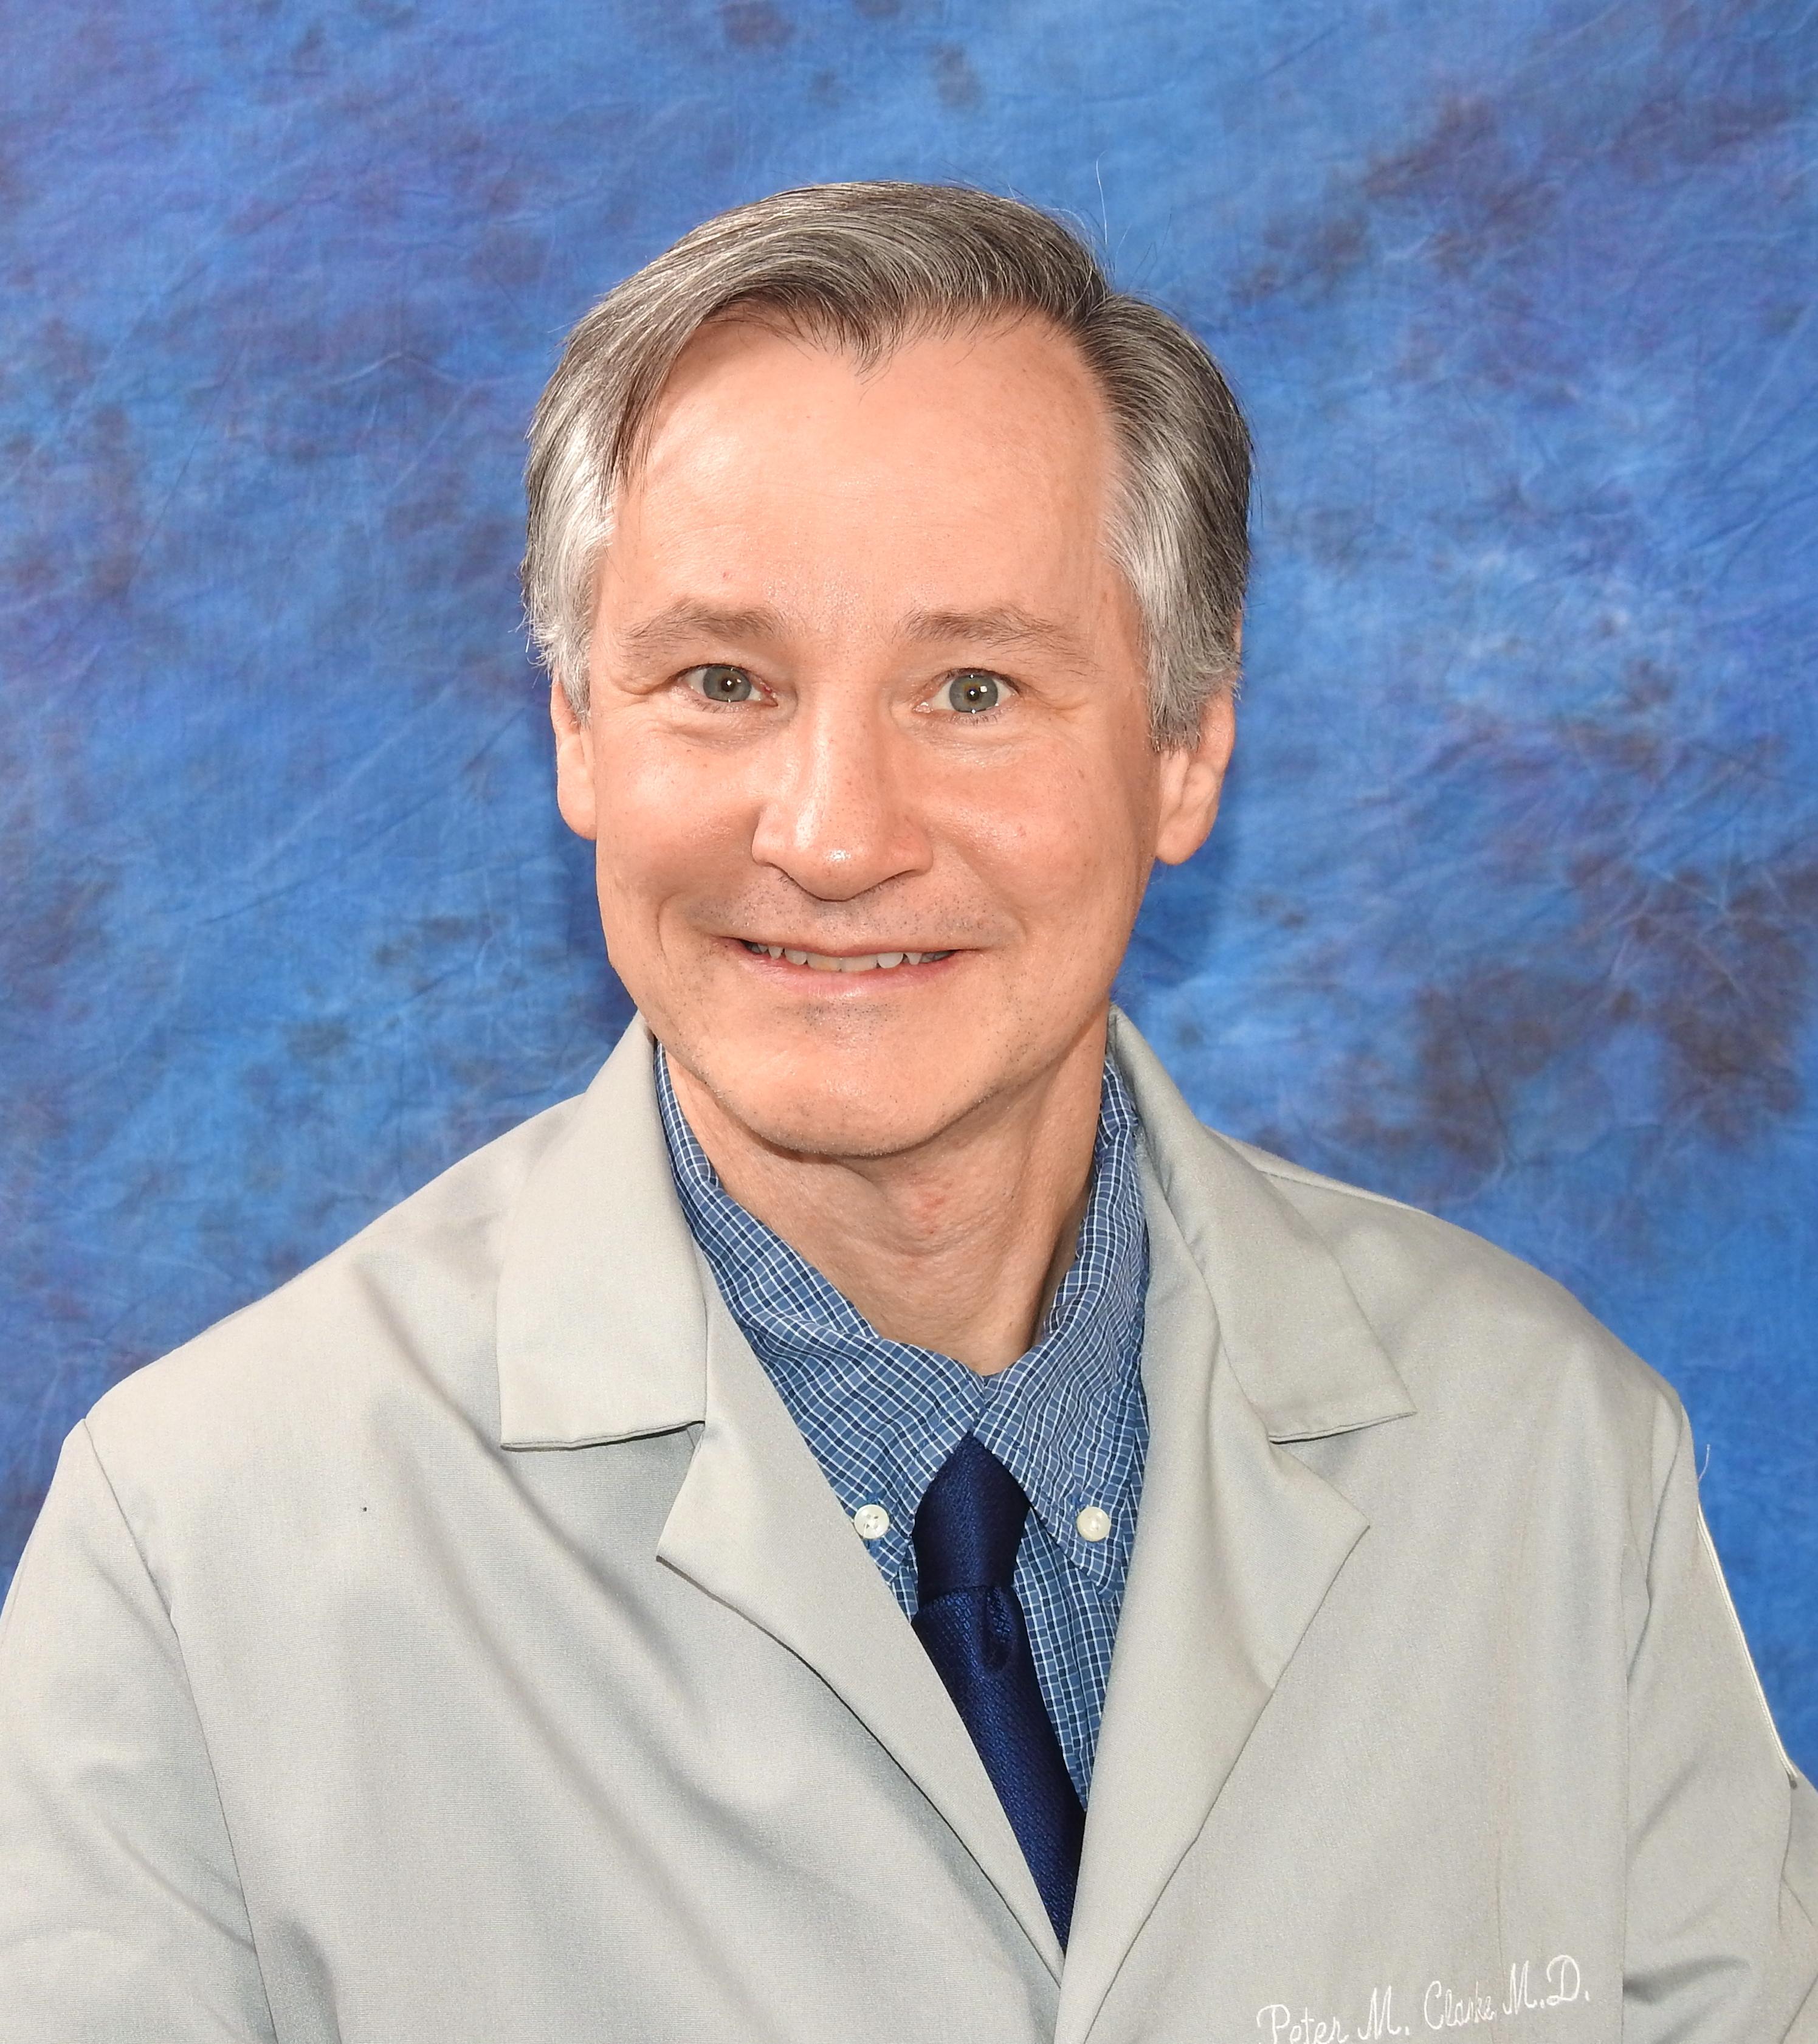 Peter M. Clarke, MD